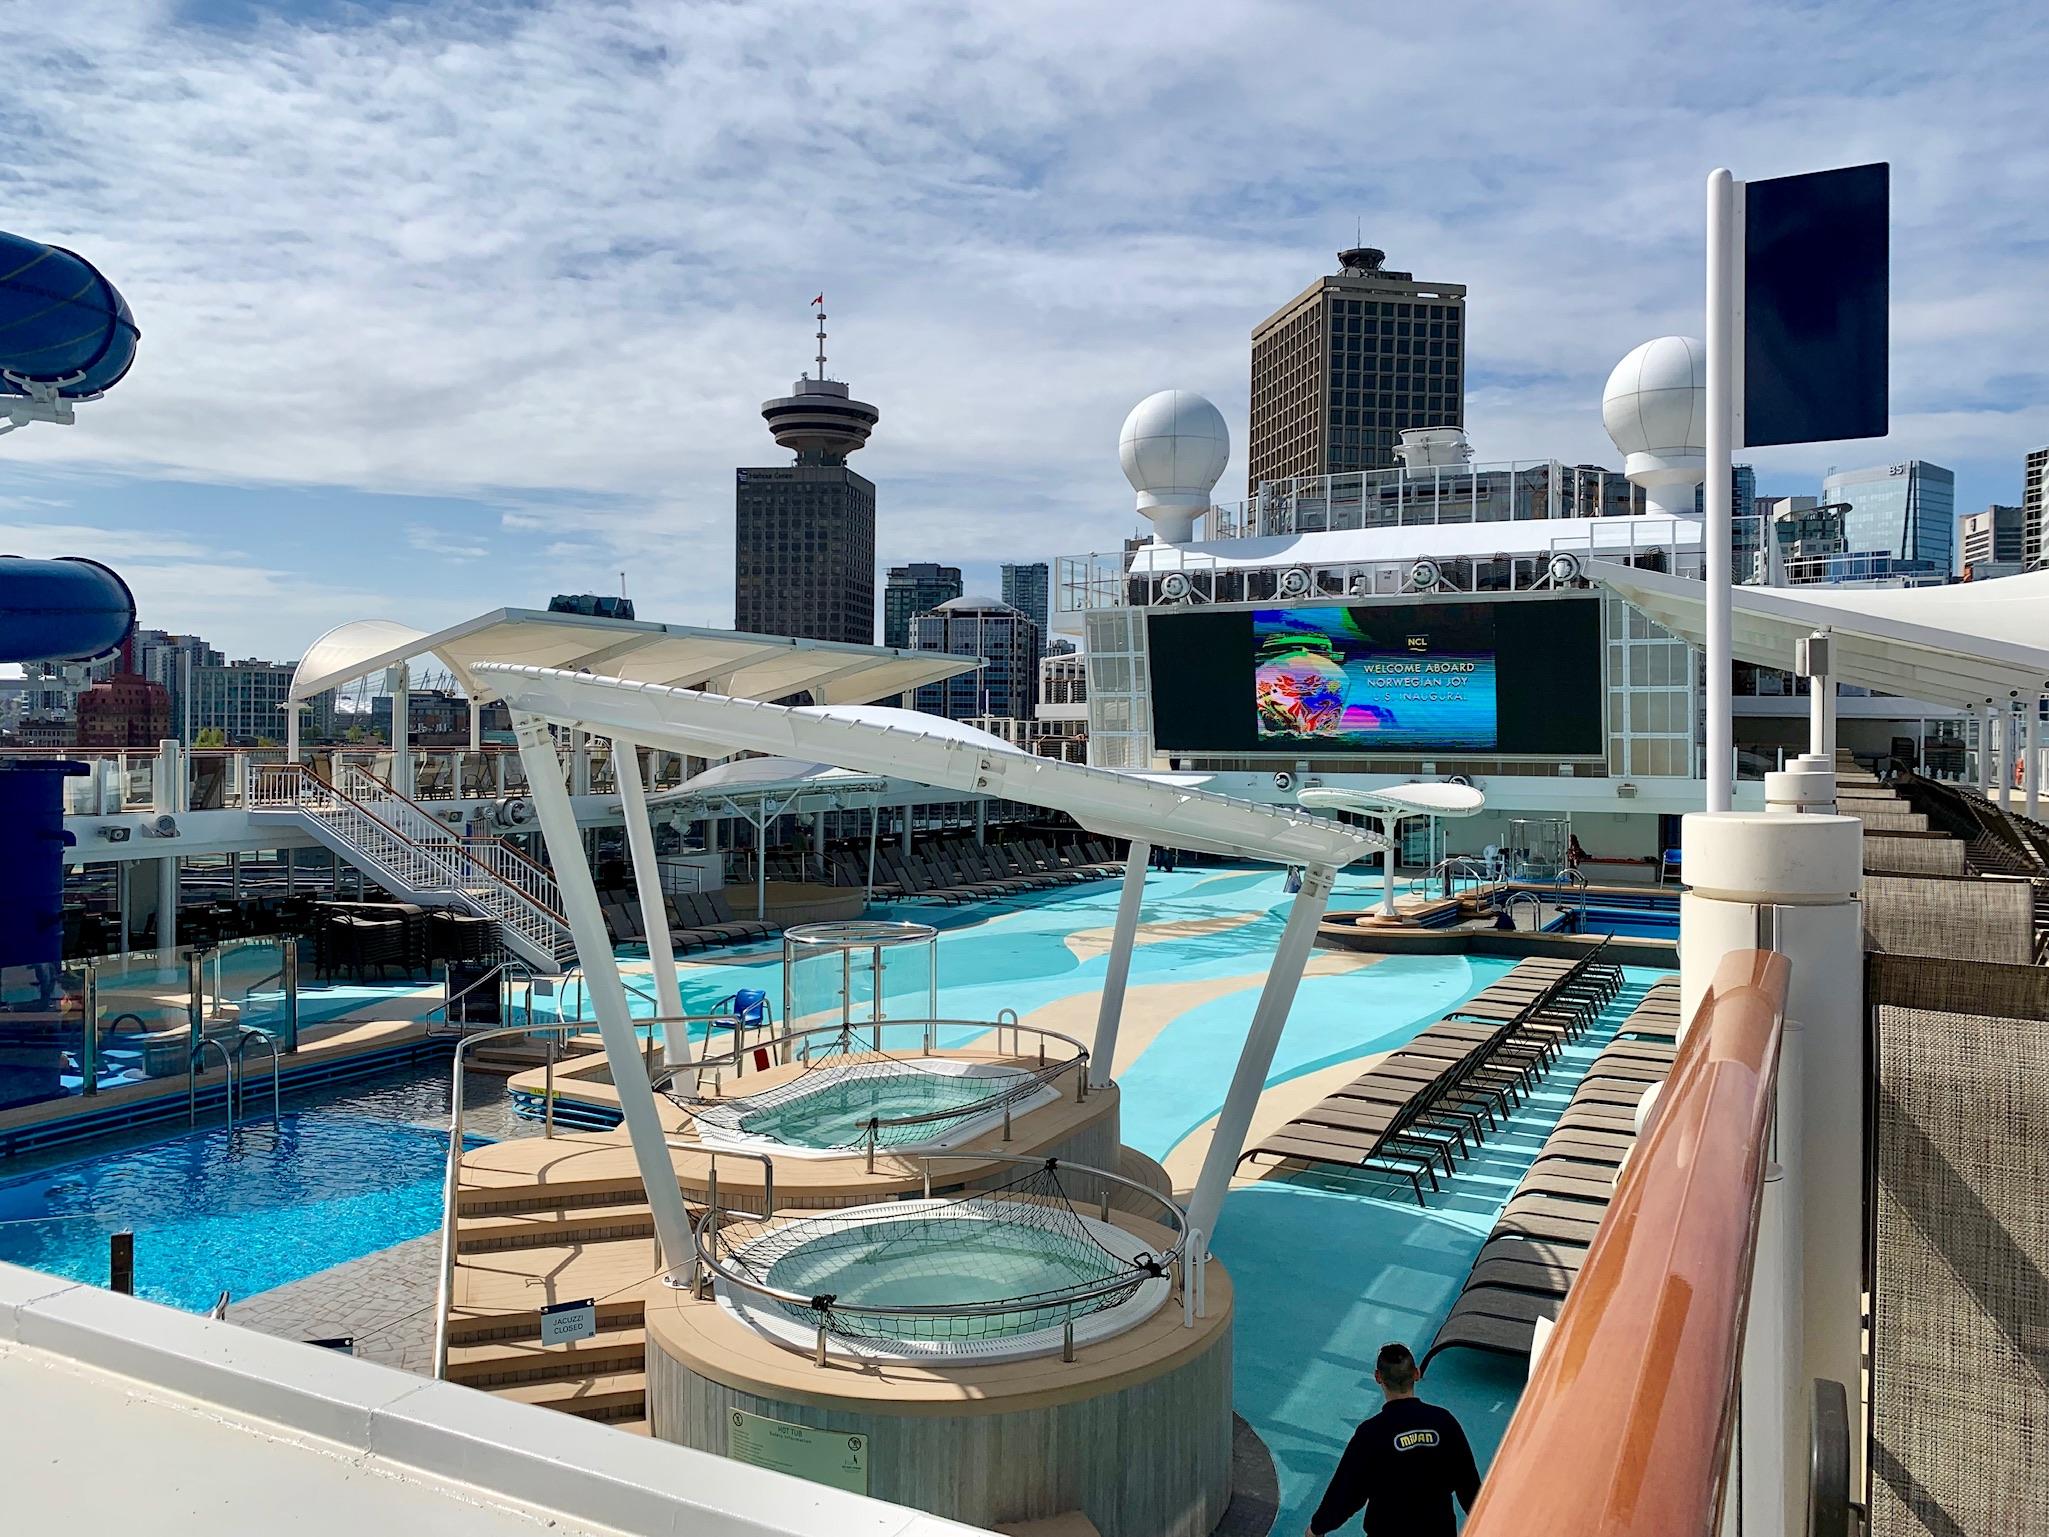 NCL Joy Pool Deck View